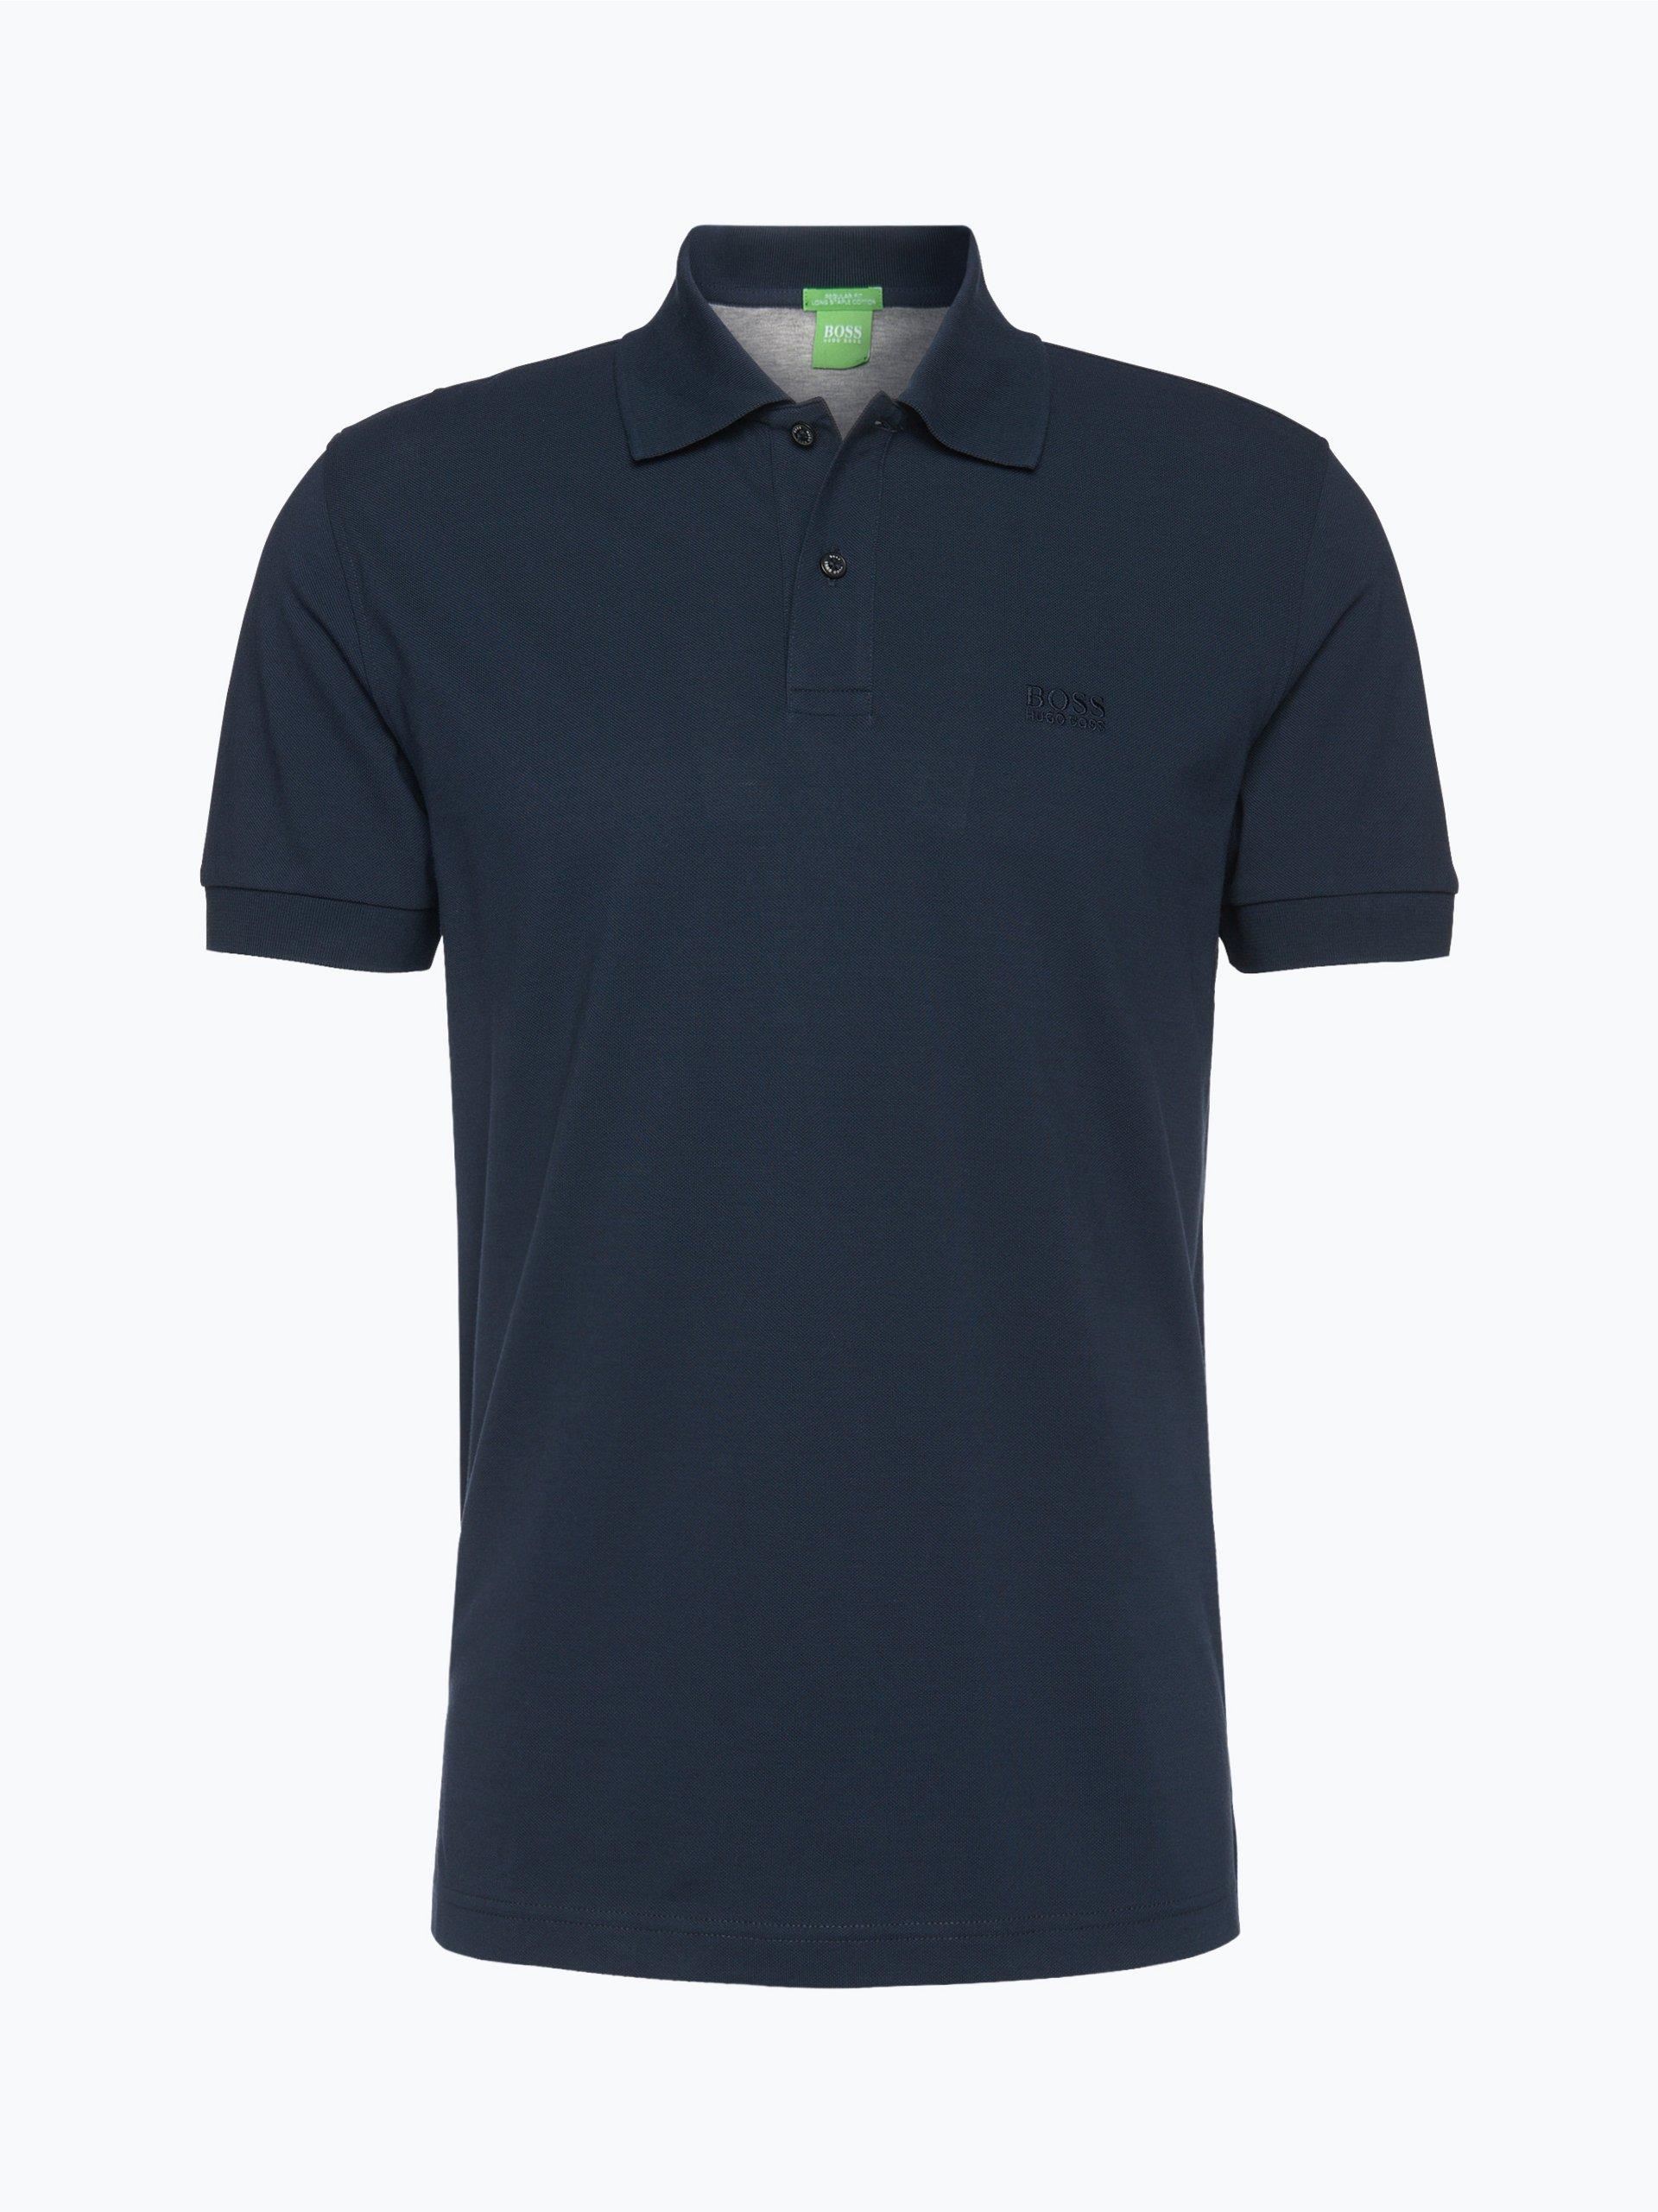 BOSS Athleisure Herren Poloshirt - C-Firenze/Logo